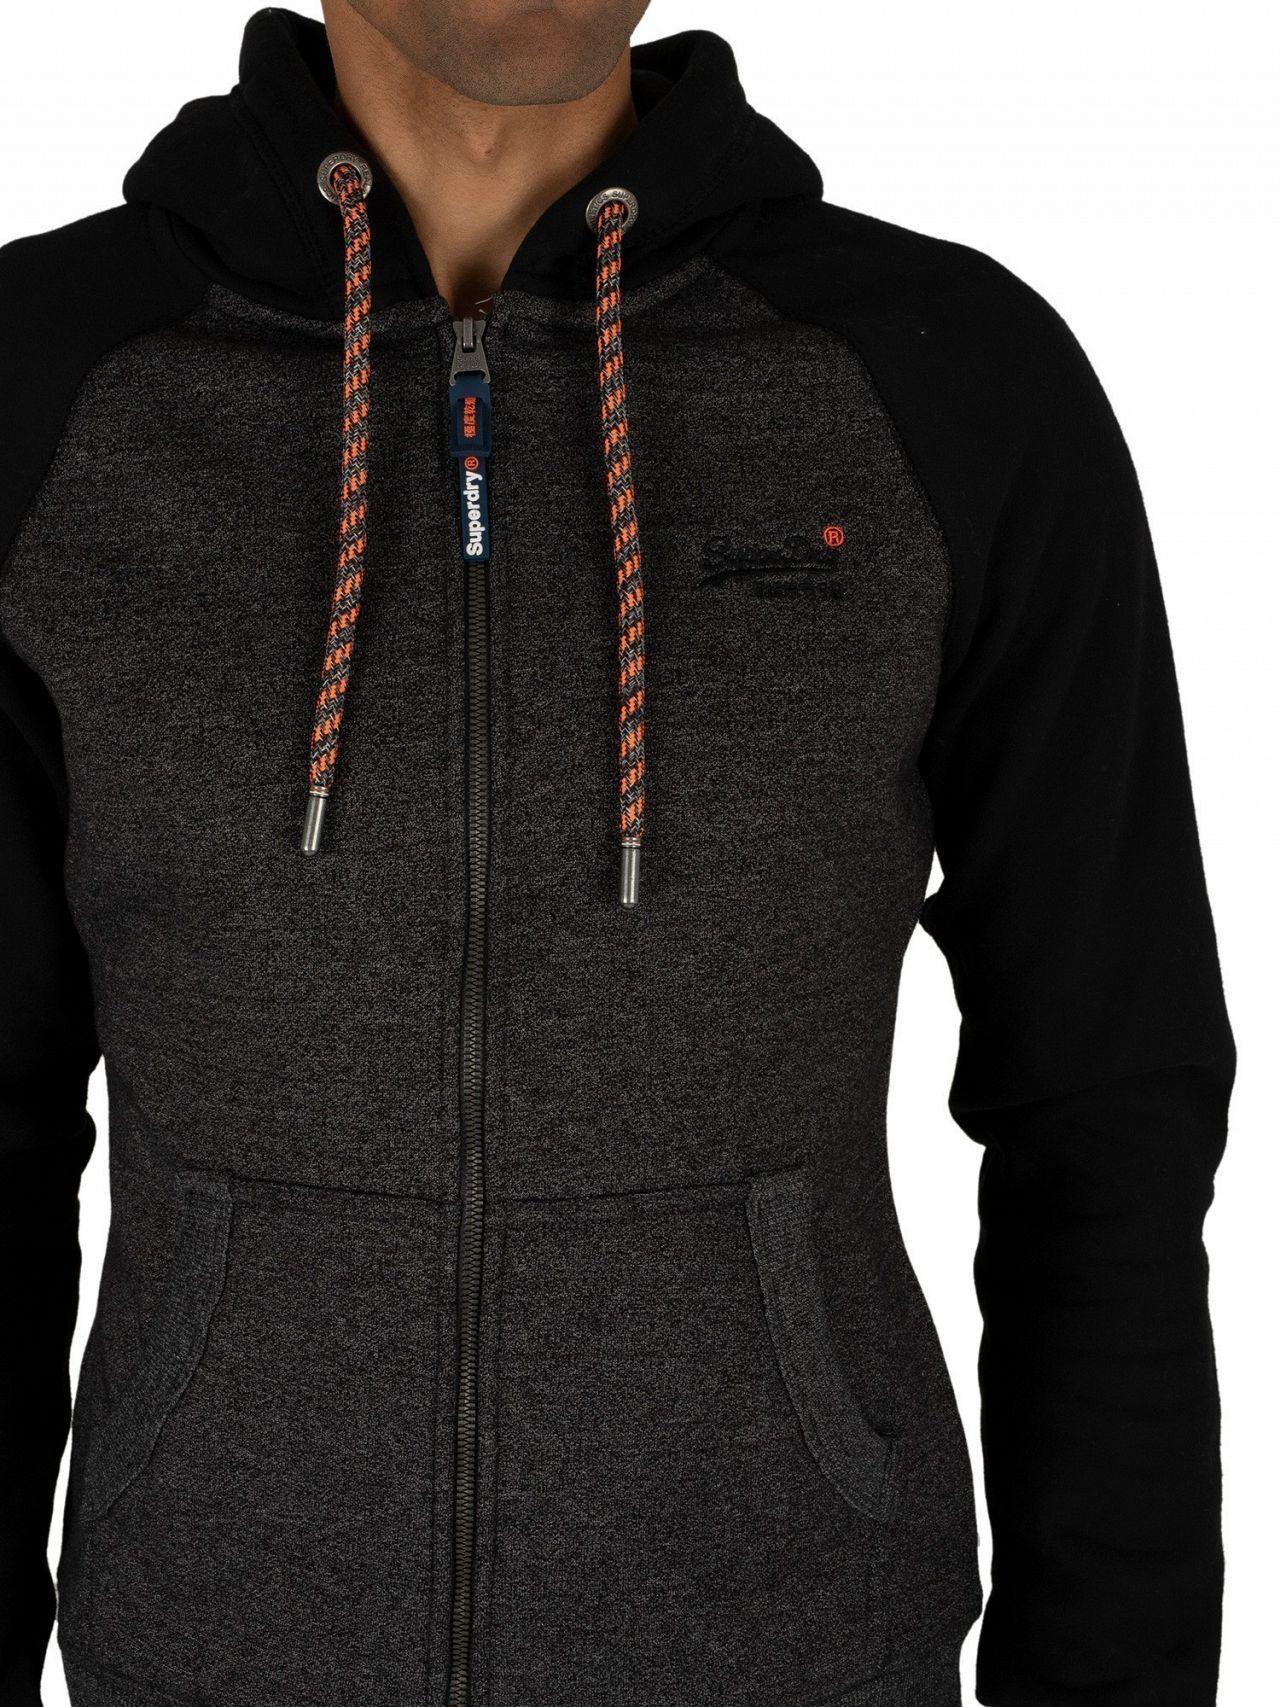 b7c0ae5c39683 Superdry Low Light Black Grit Orange Label Raglan Zip Hoodie in Black for  Men - Lyst